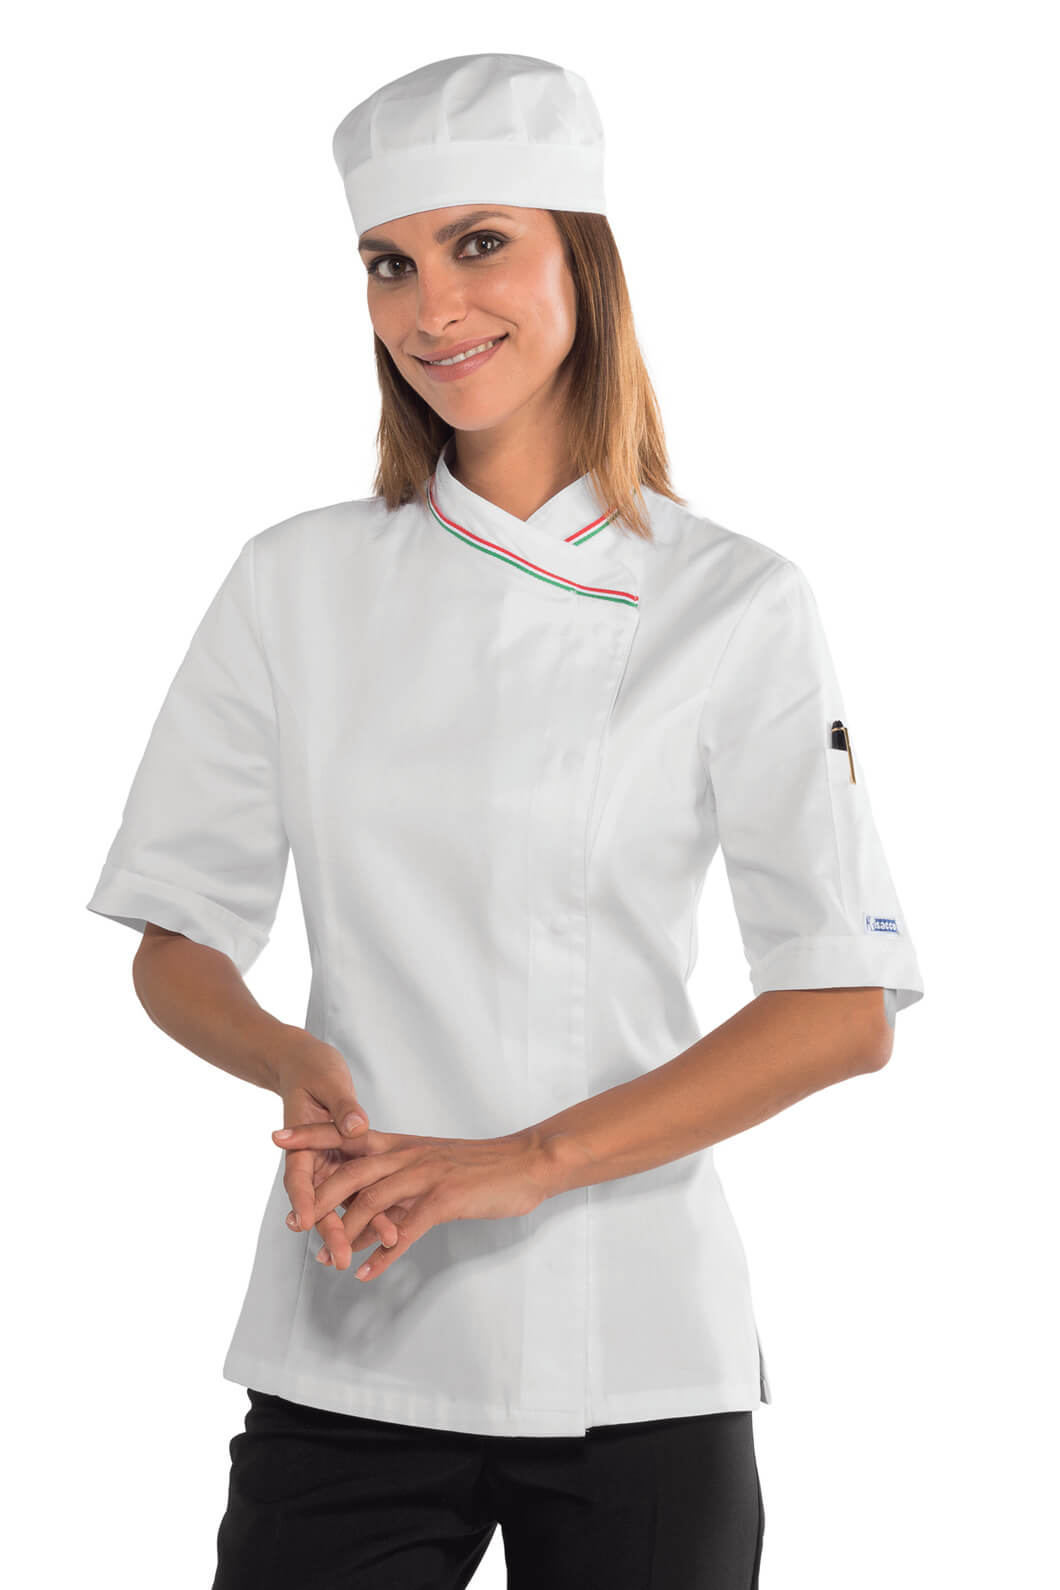 Veste blanche femme manche courte